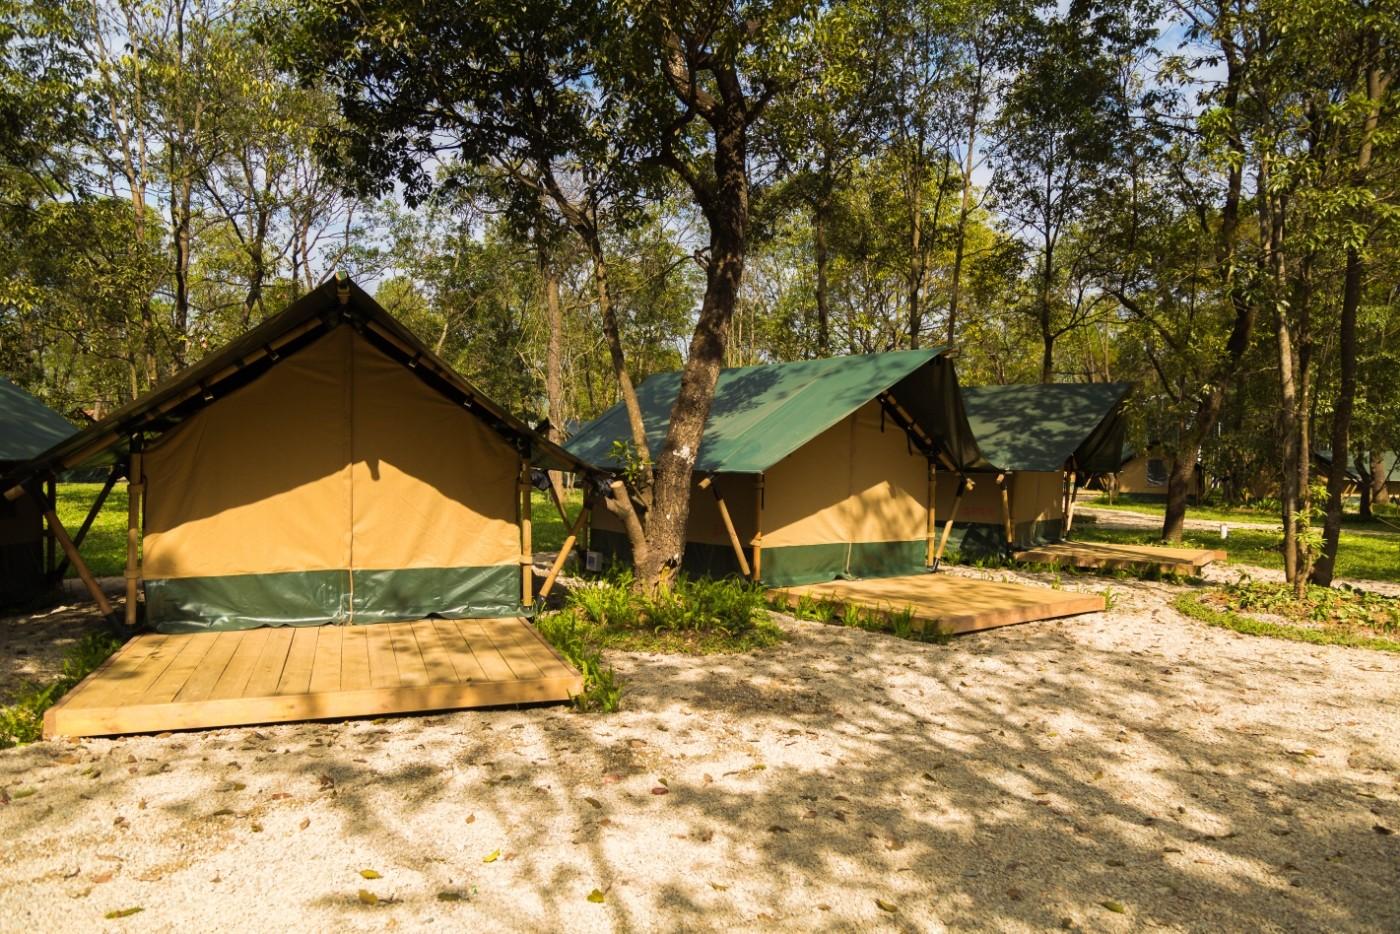 喜马拉雅青少年教育营地—广州和营天下平地帐篷酒店3